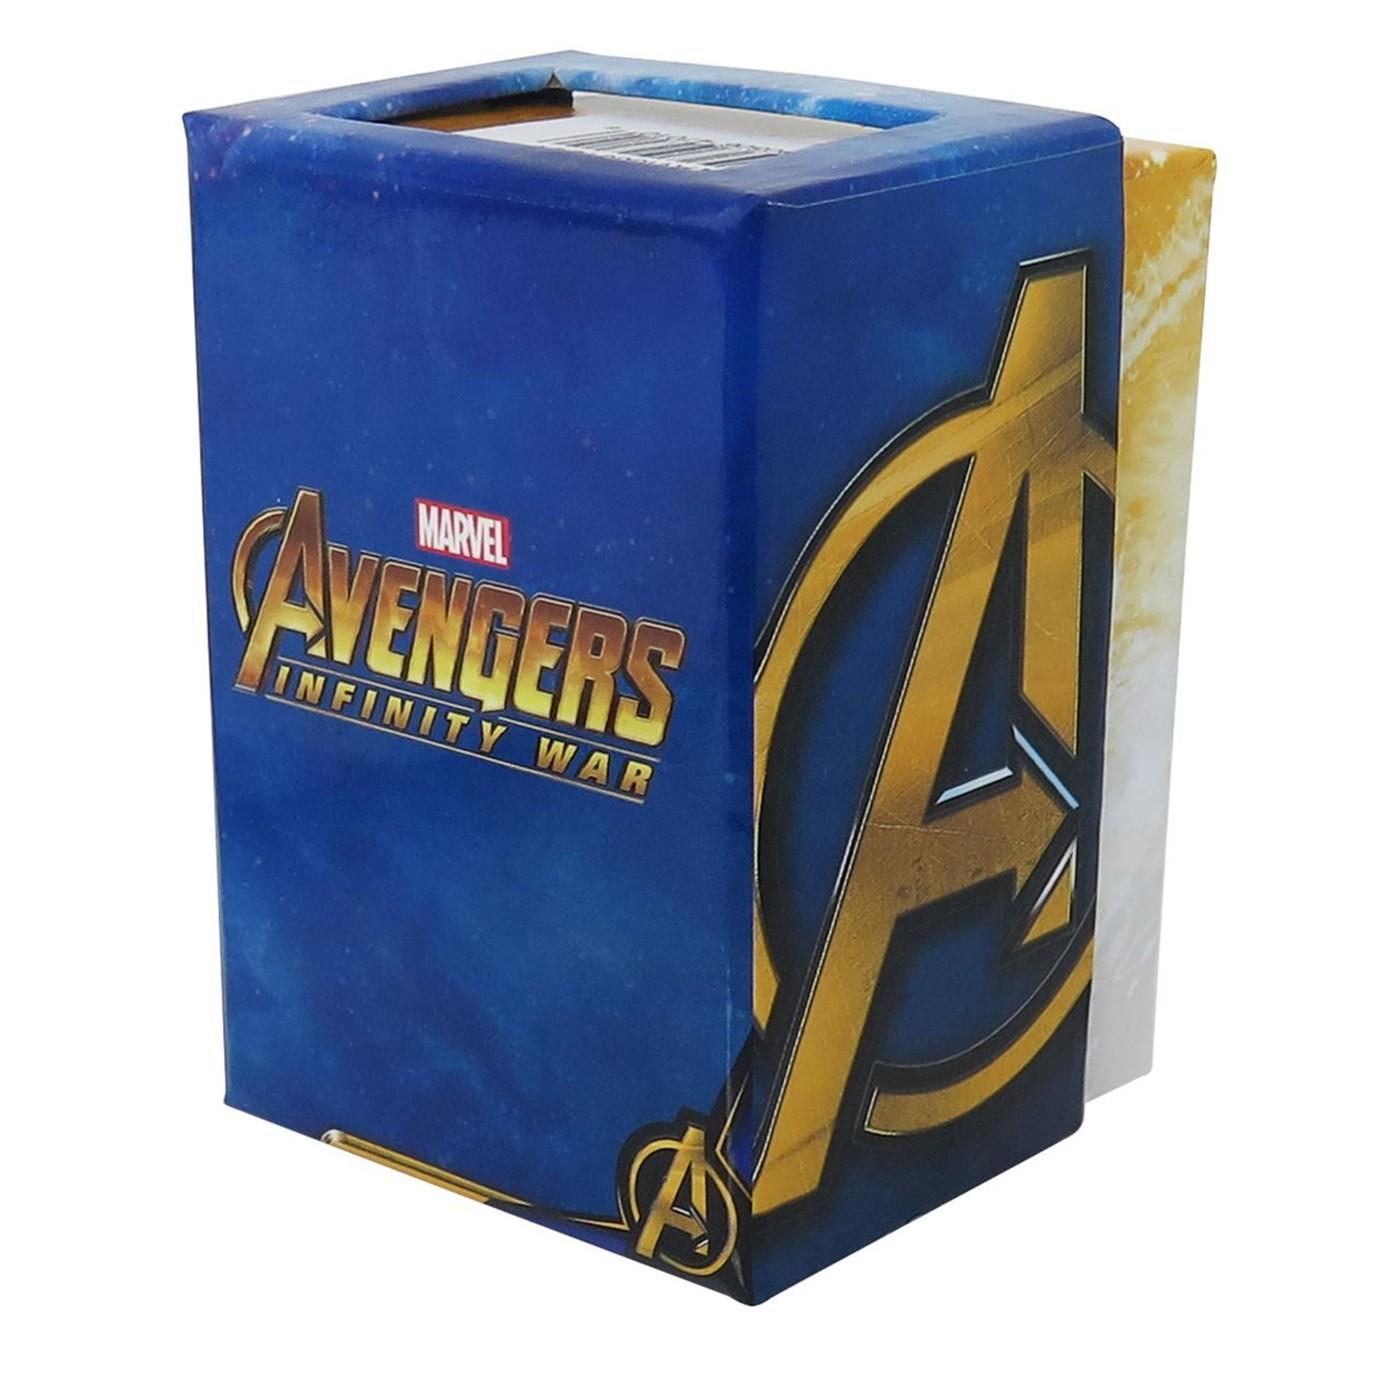 Avengers Infinity War Infinity Gauntlet Watch